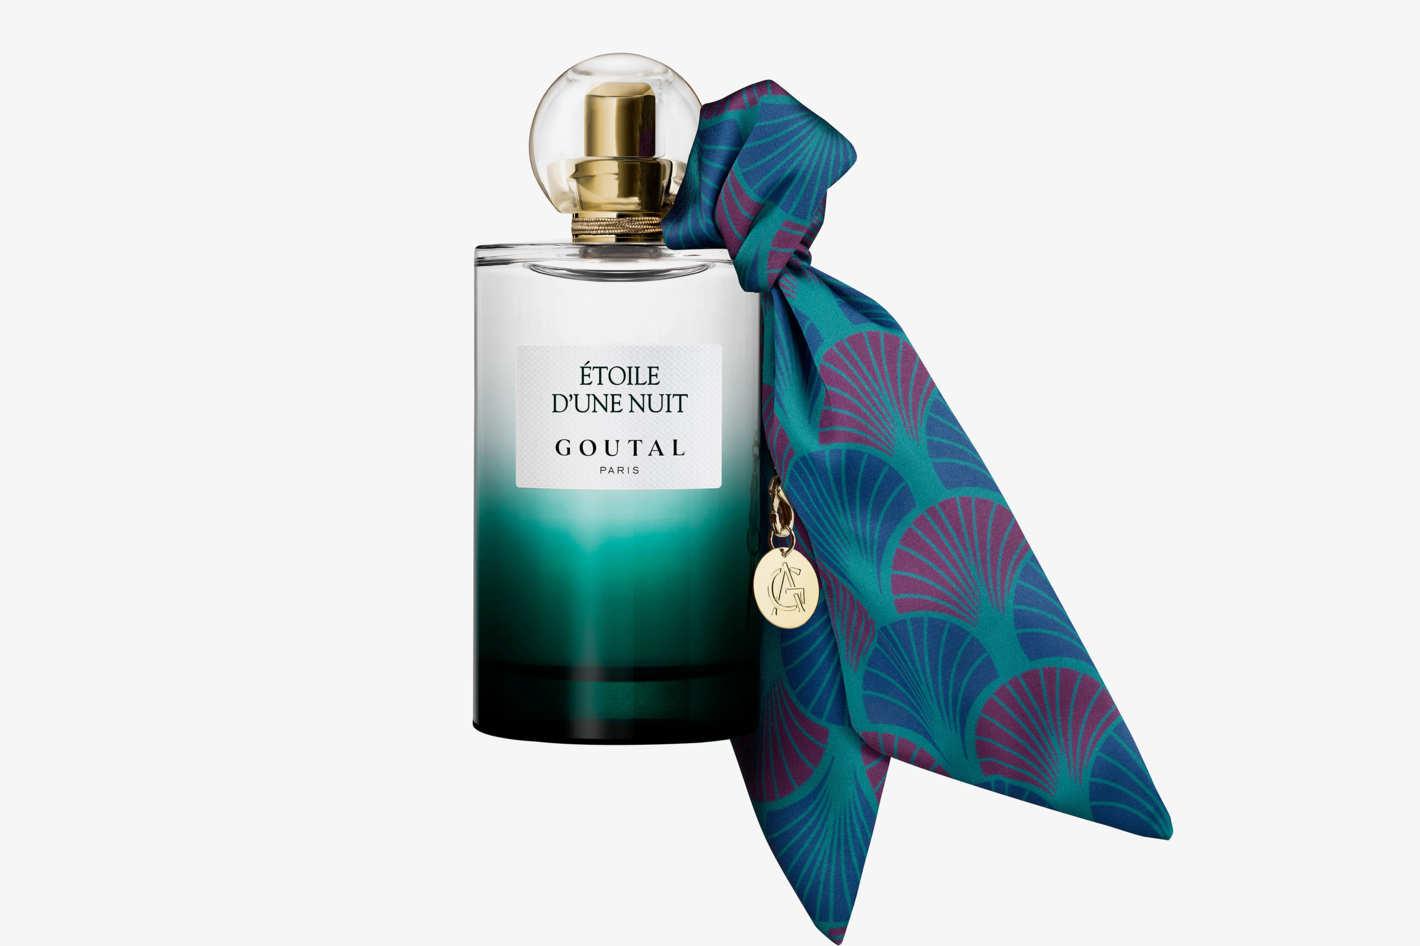 Goutal Étoile d'Une Nuit Eau de Parfum